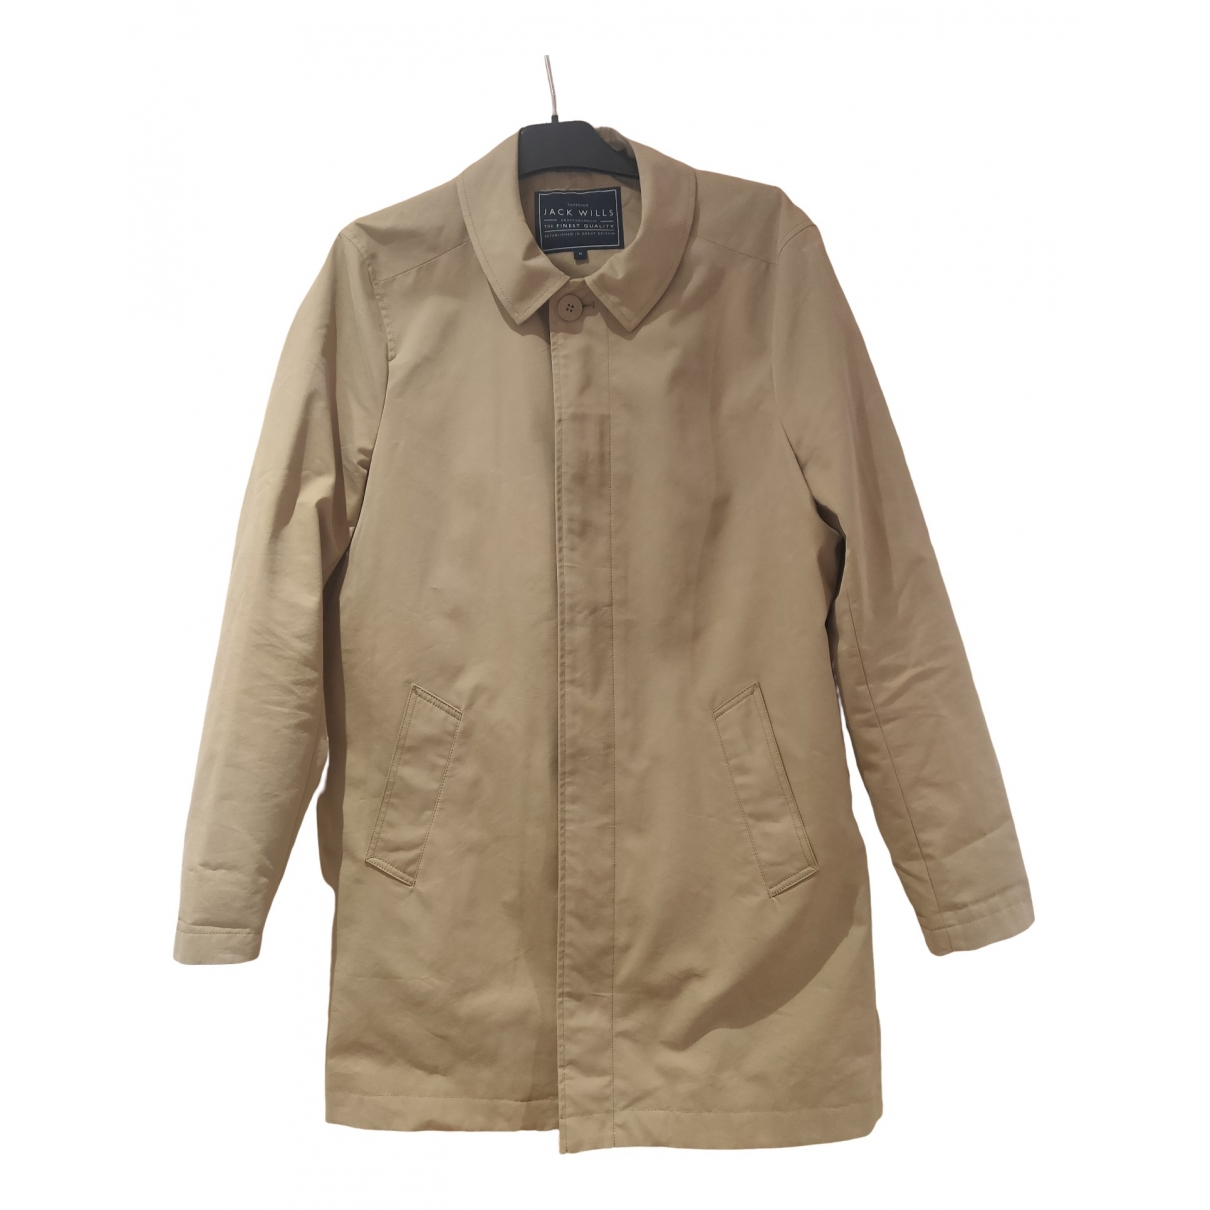 Jack Wills - Manteau   pour homme en coton - camel